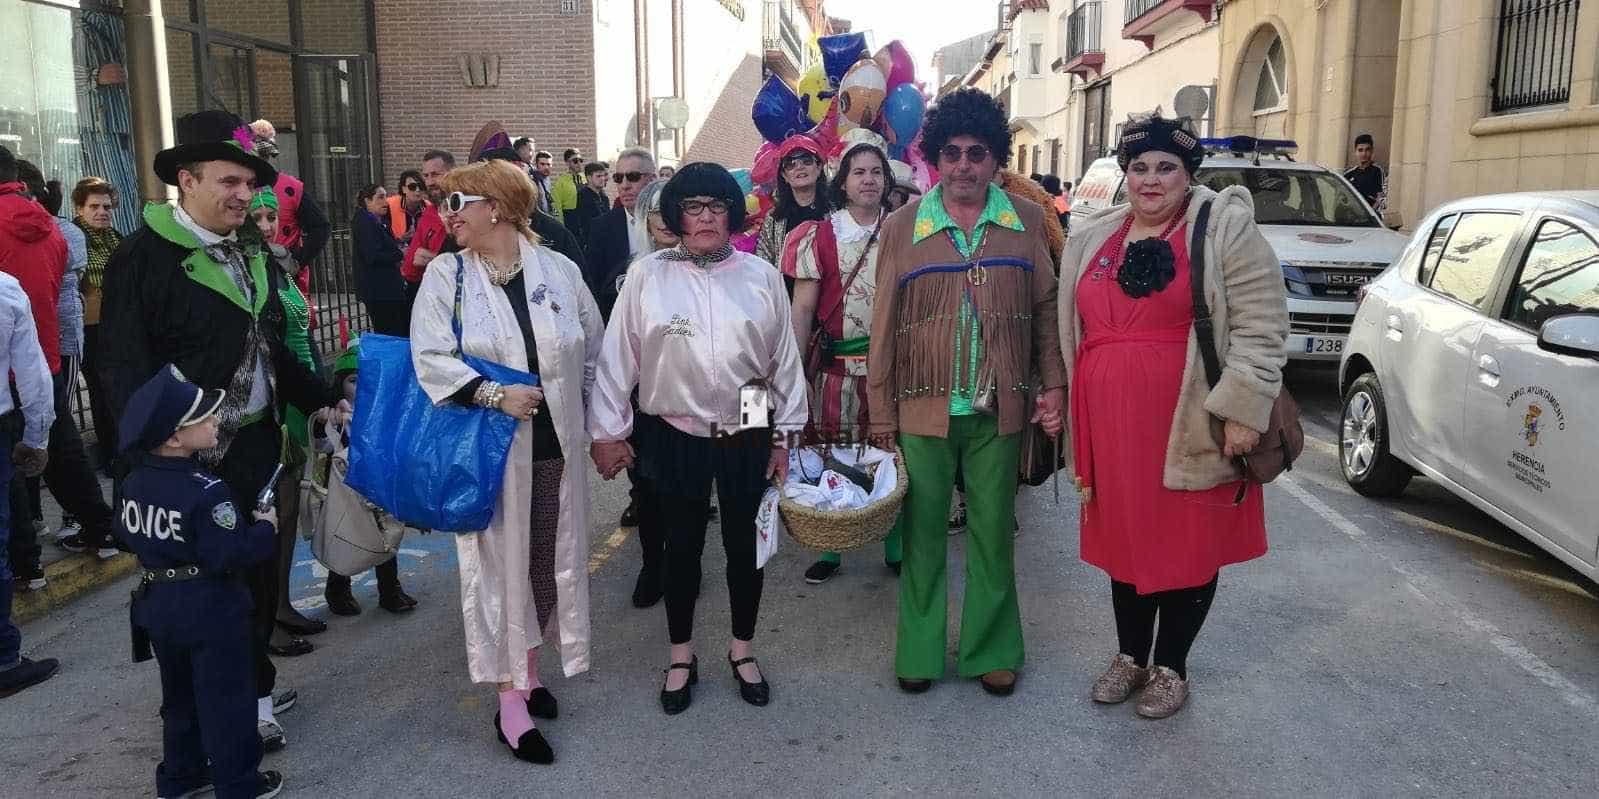 Carnaval herencia 2020 pasacalles domingo deseosas 8 - El Domingo de las Deseosas invita a todo el mundo al Carnaval de Herencia